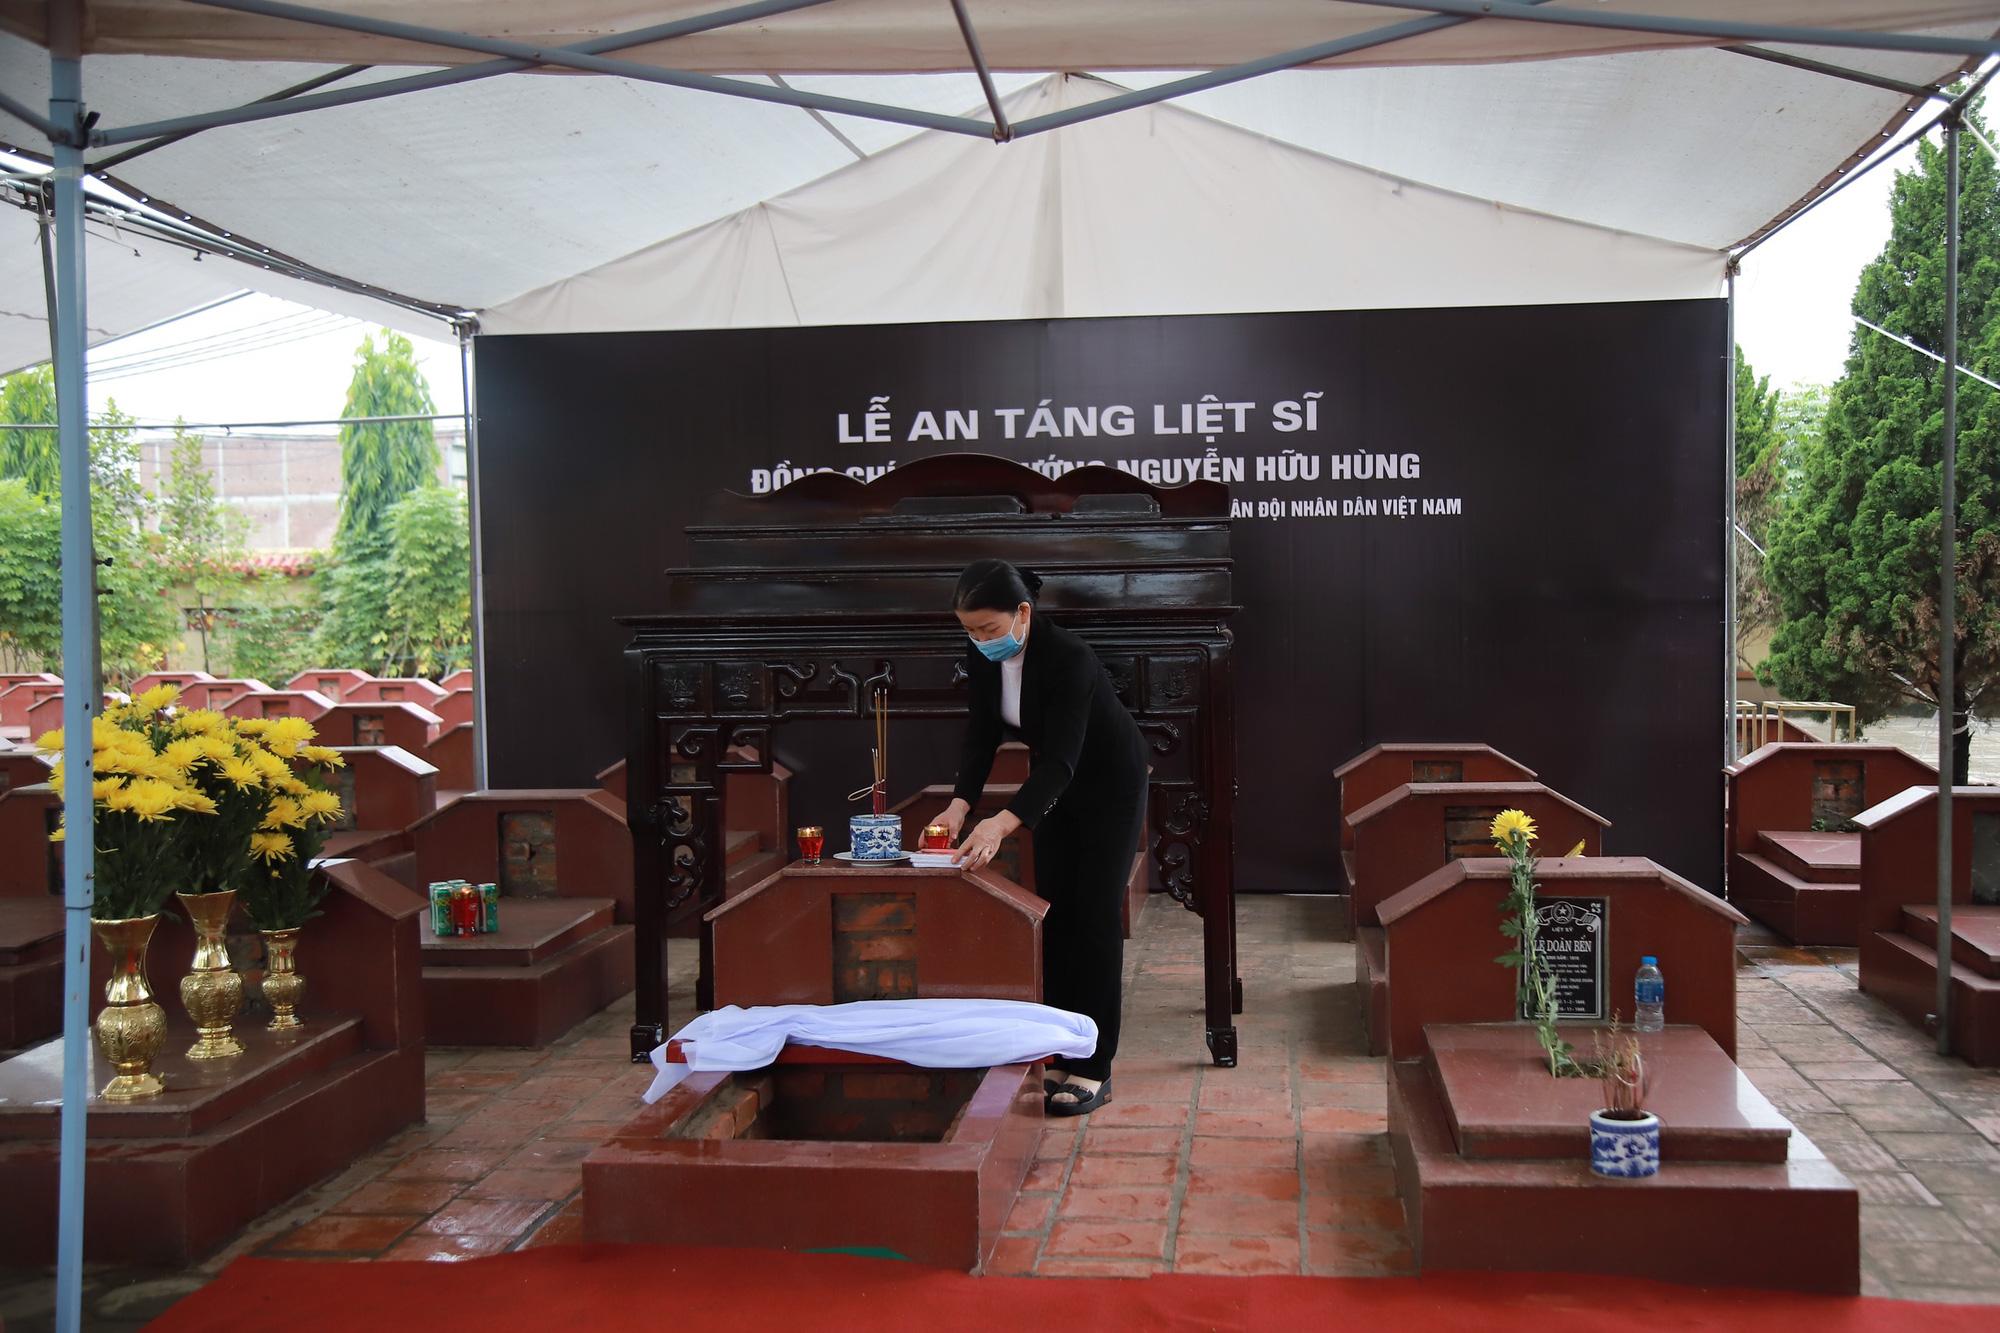 Ảnh, clip: Xúc động lễ truy điệu Đại tá Nguyễn Hữu Hùng  - Ảnh 6.